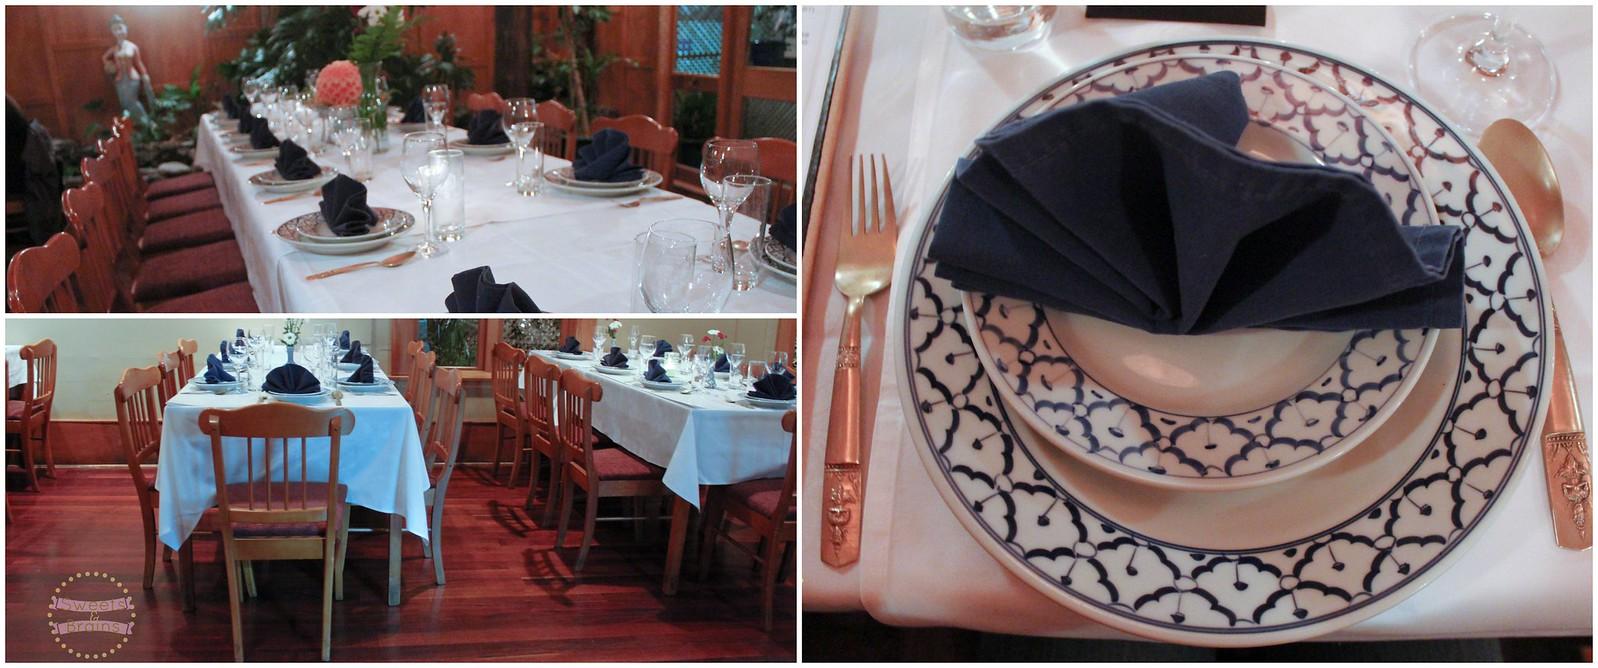 sawadee tables